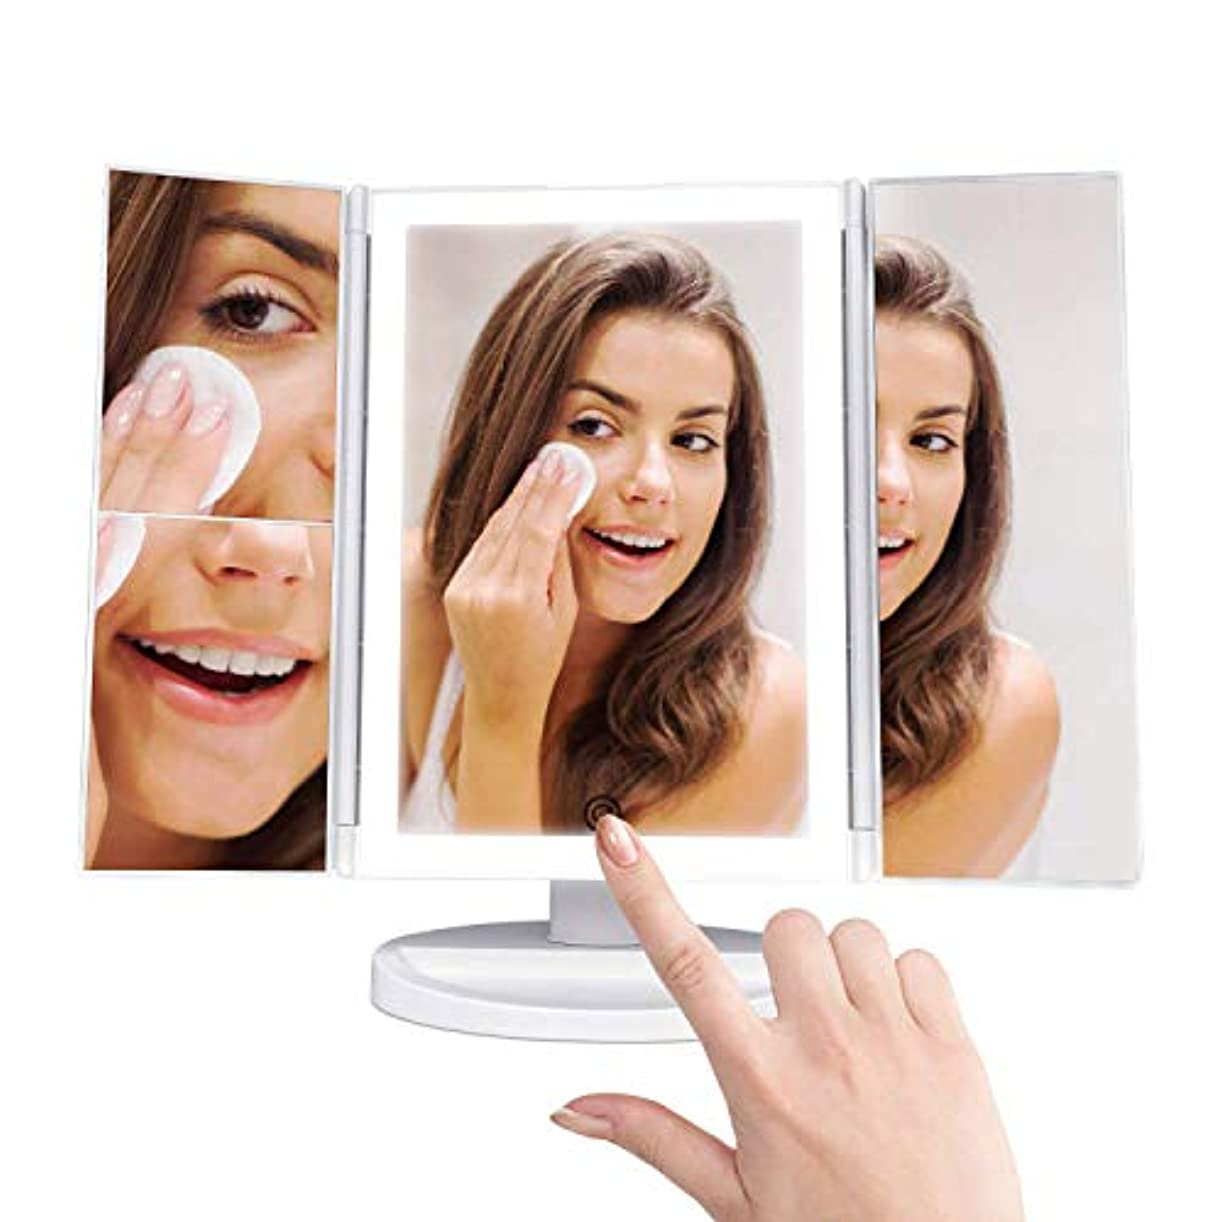 卓上ミラー 折りたたみ式 三面鏡 化粧鏡 2&3&拡大鏡付き LEDライト 角度調整機能付 タッチパネル 持ち運び便利 180度自由に回転 電池またはUSB給電(ホワイト)